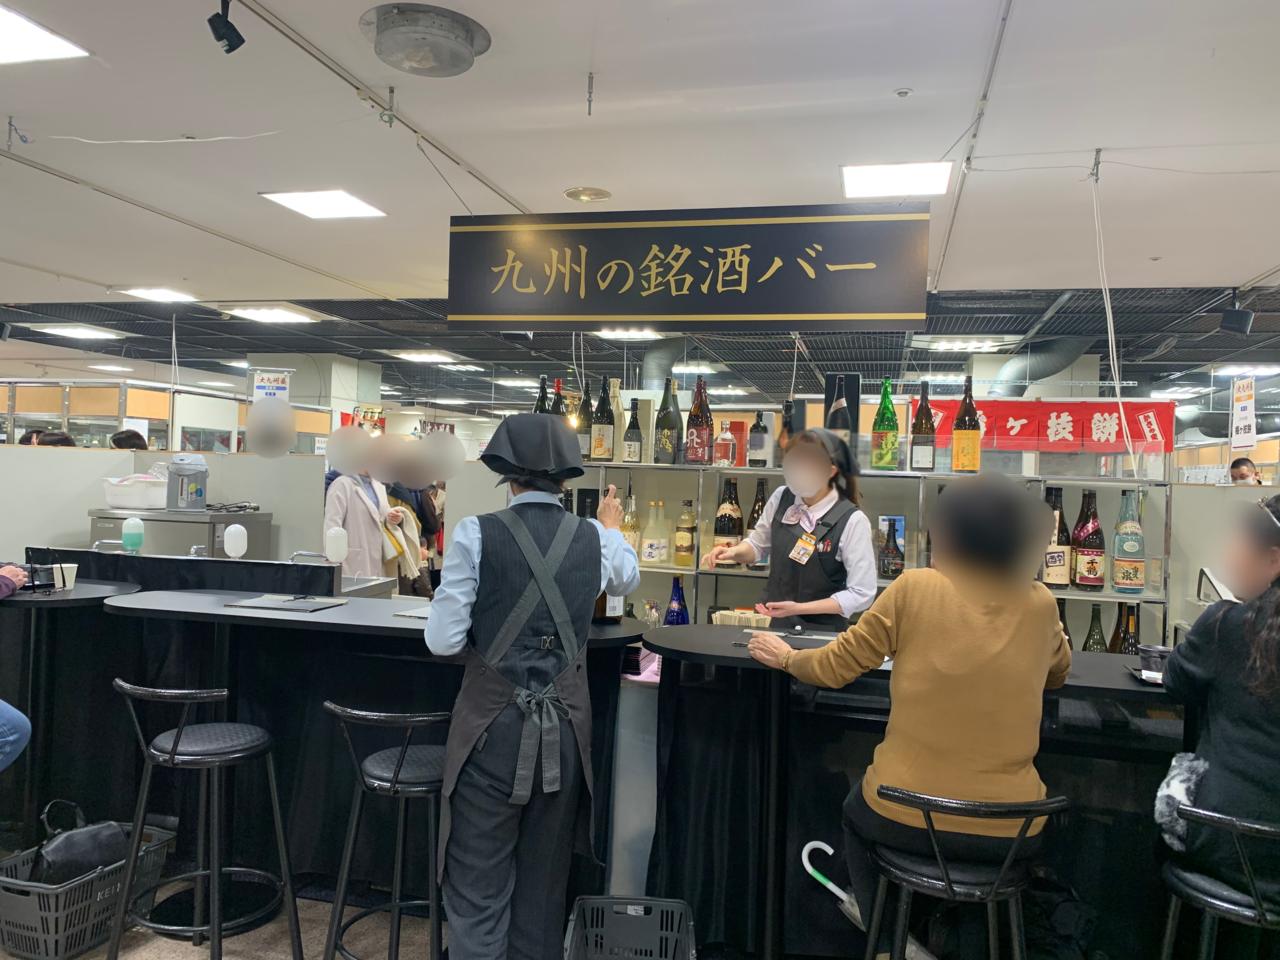 大九州展利き酒コーナー